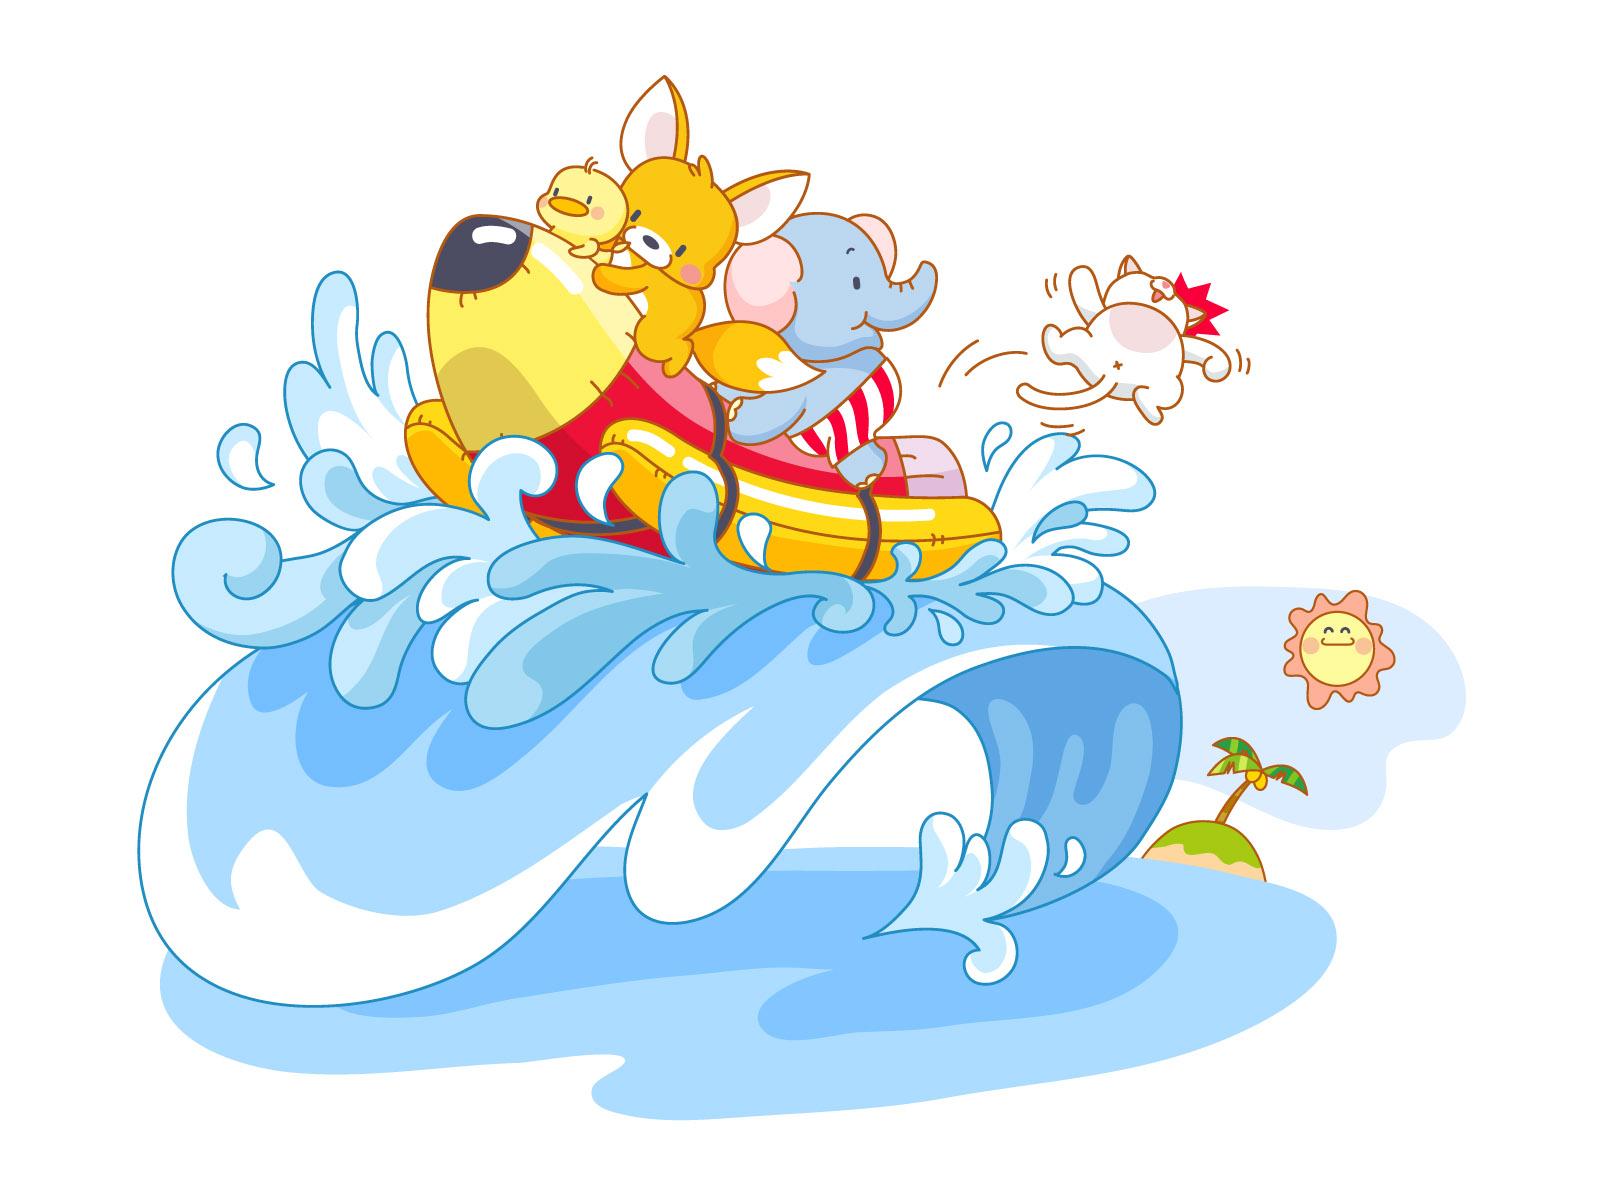 卡通动物-桌面壁纸-素材中国-online.sccnn.com